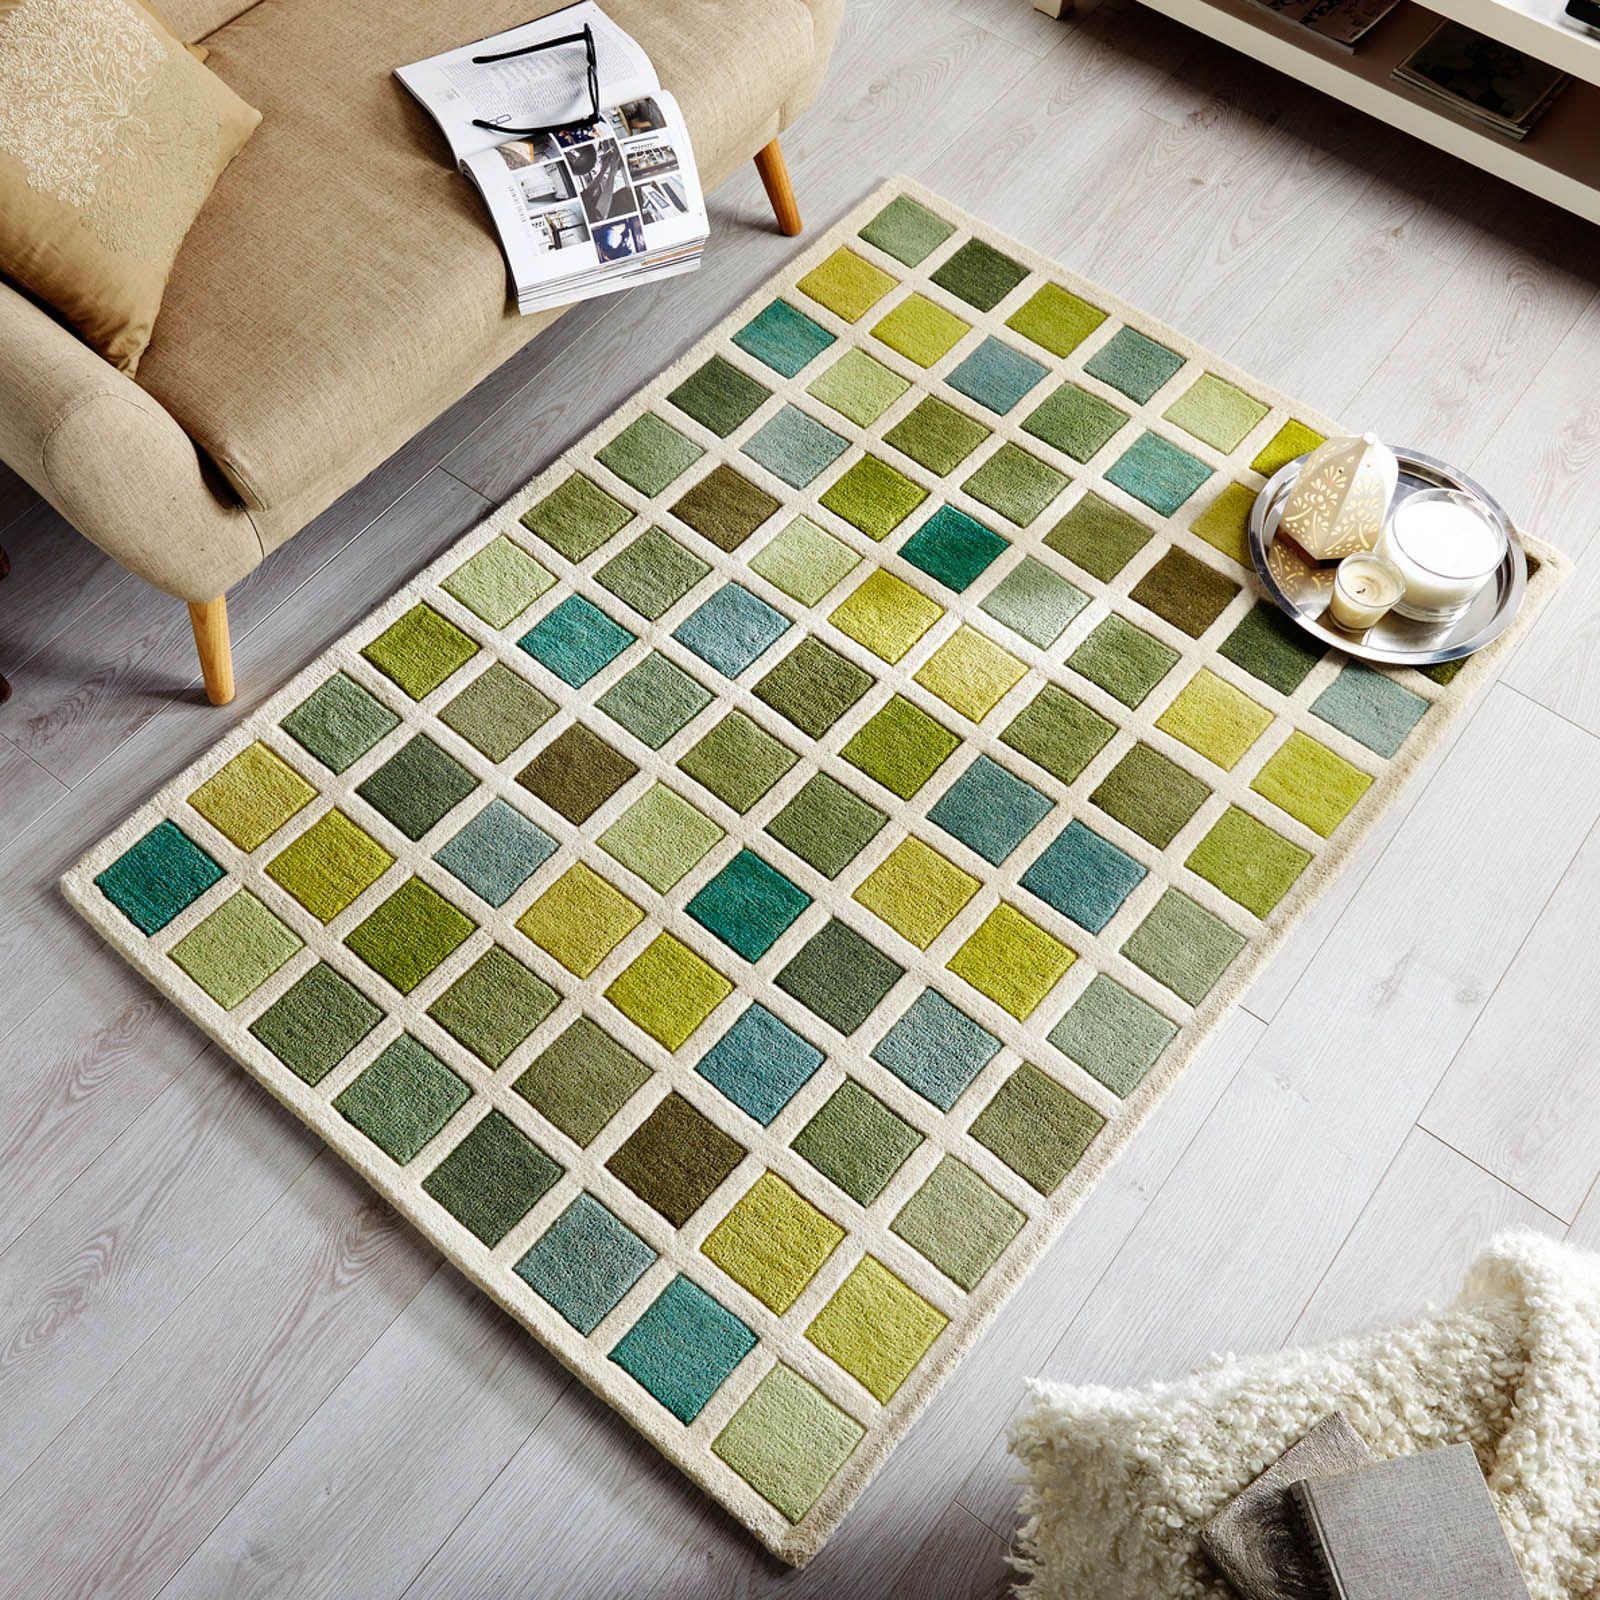 Illusion Campari Rugs In Green And Cream